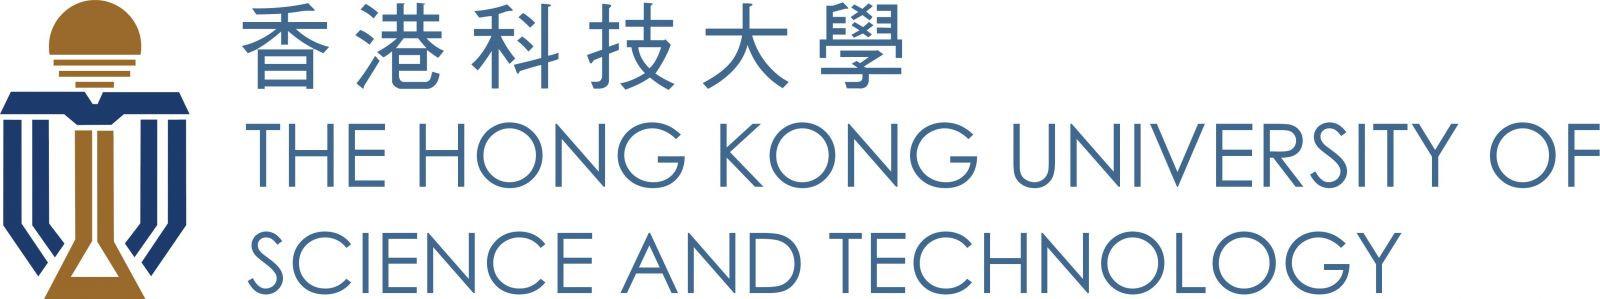 hkust-logo.jpg